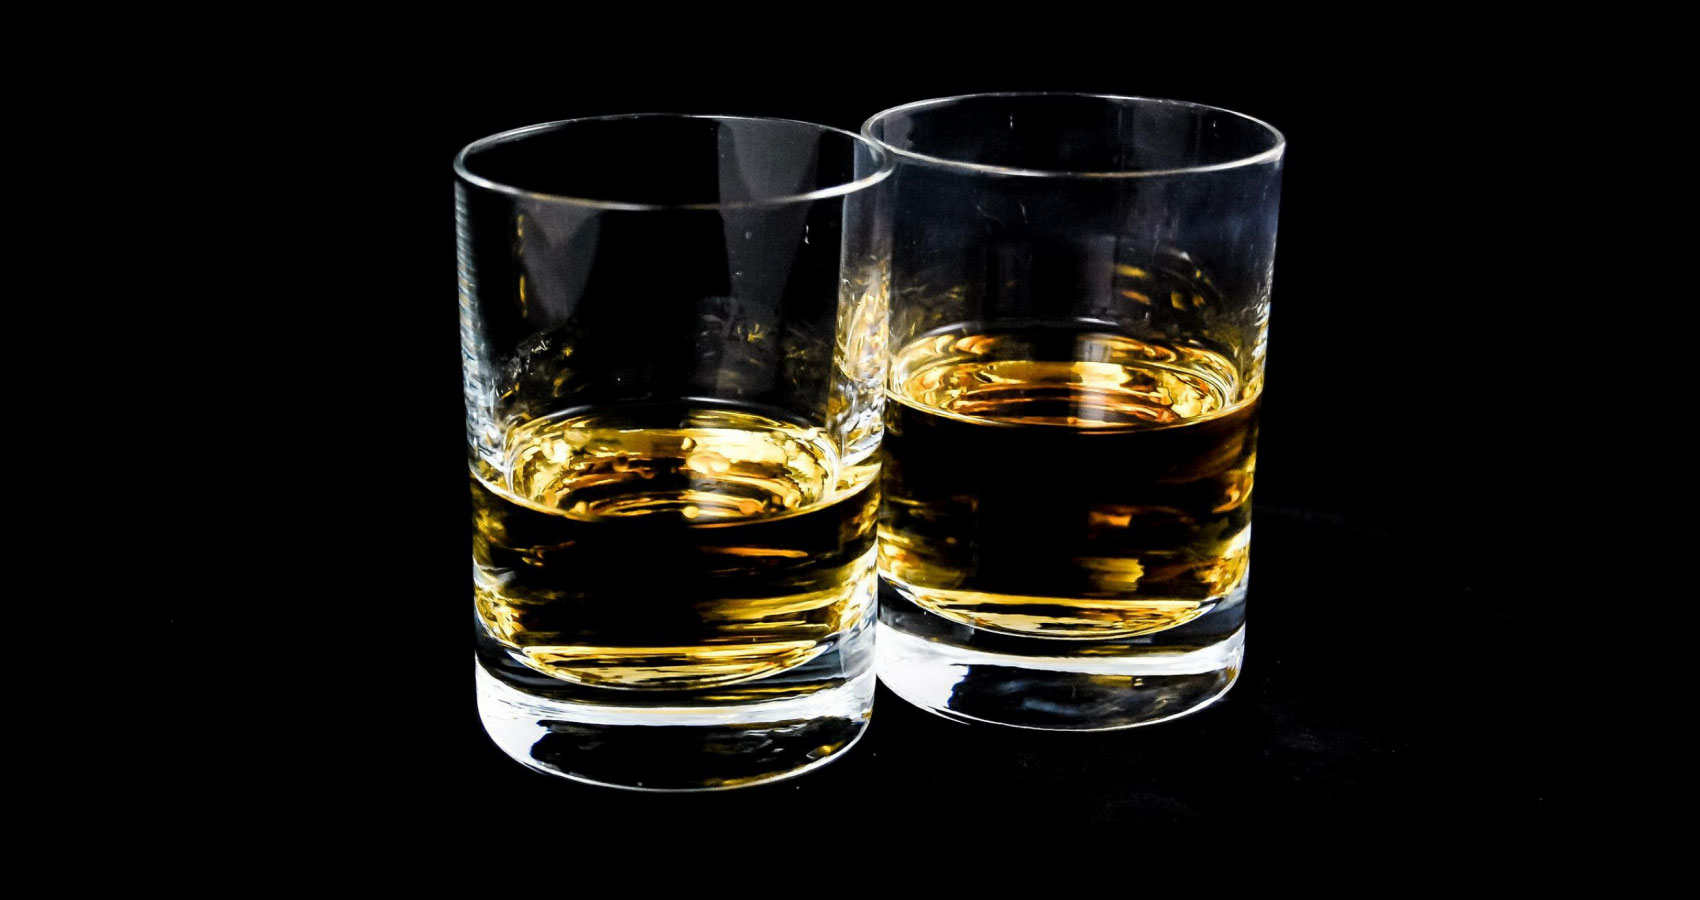 Iluzja kontroli picia u alkoholika – jak działa?